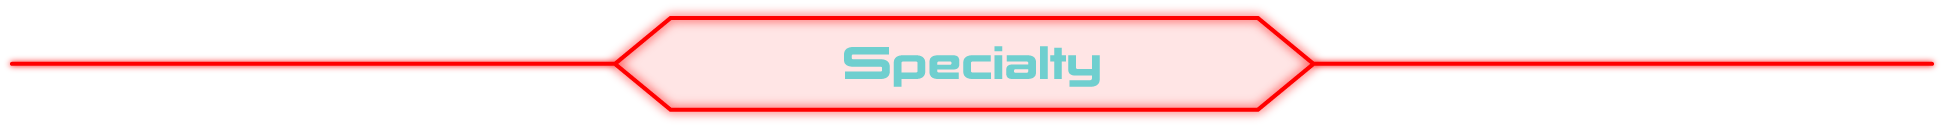 Specialty